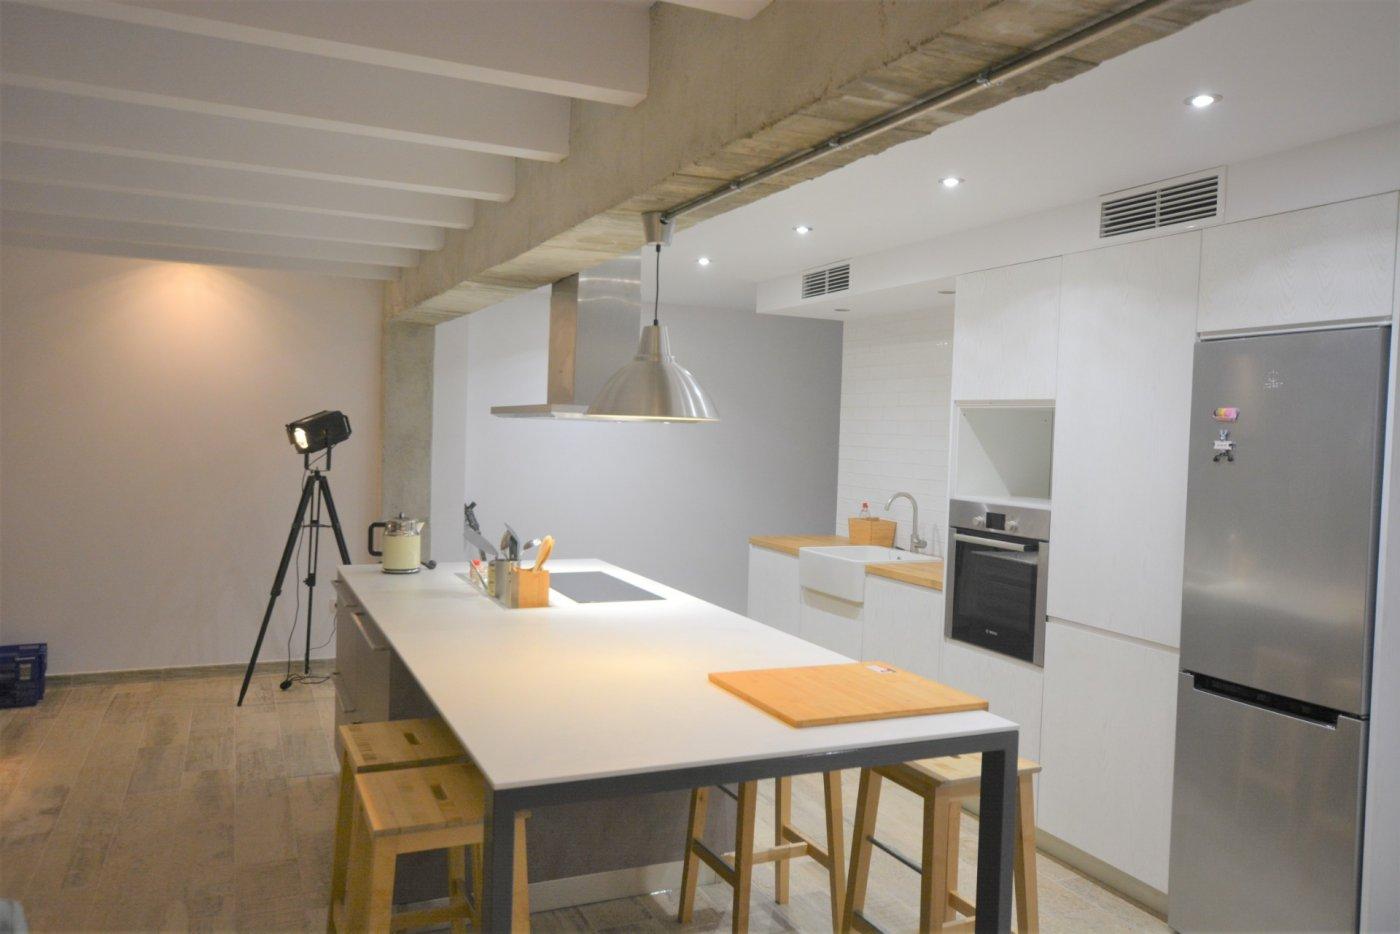 Increíble piso recientemente reformado. - imagenInmueble5